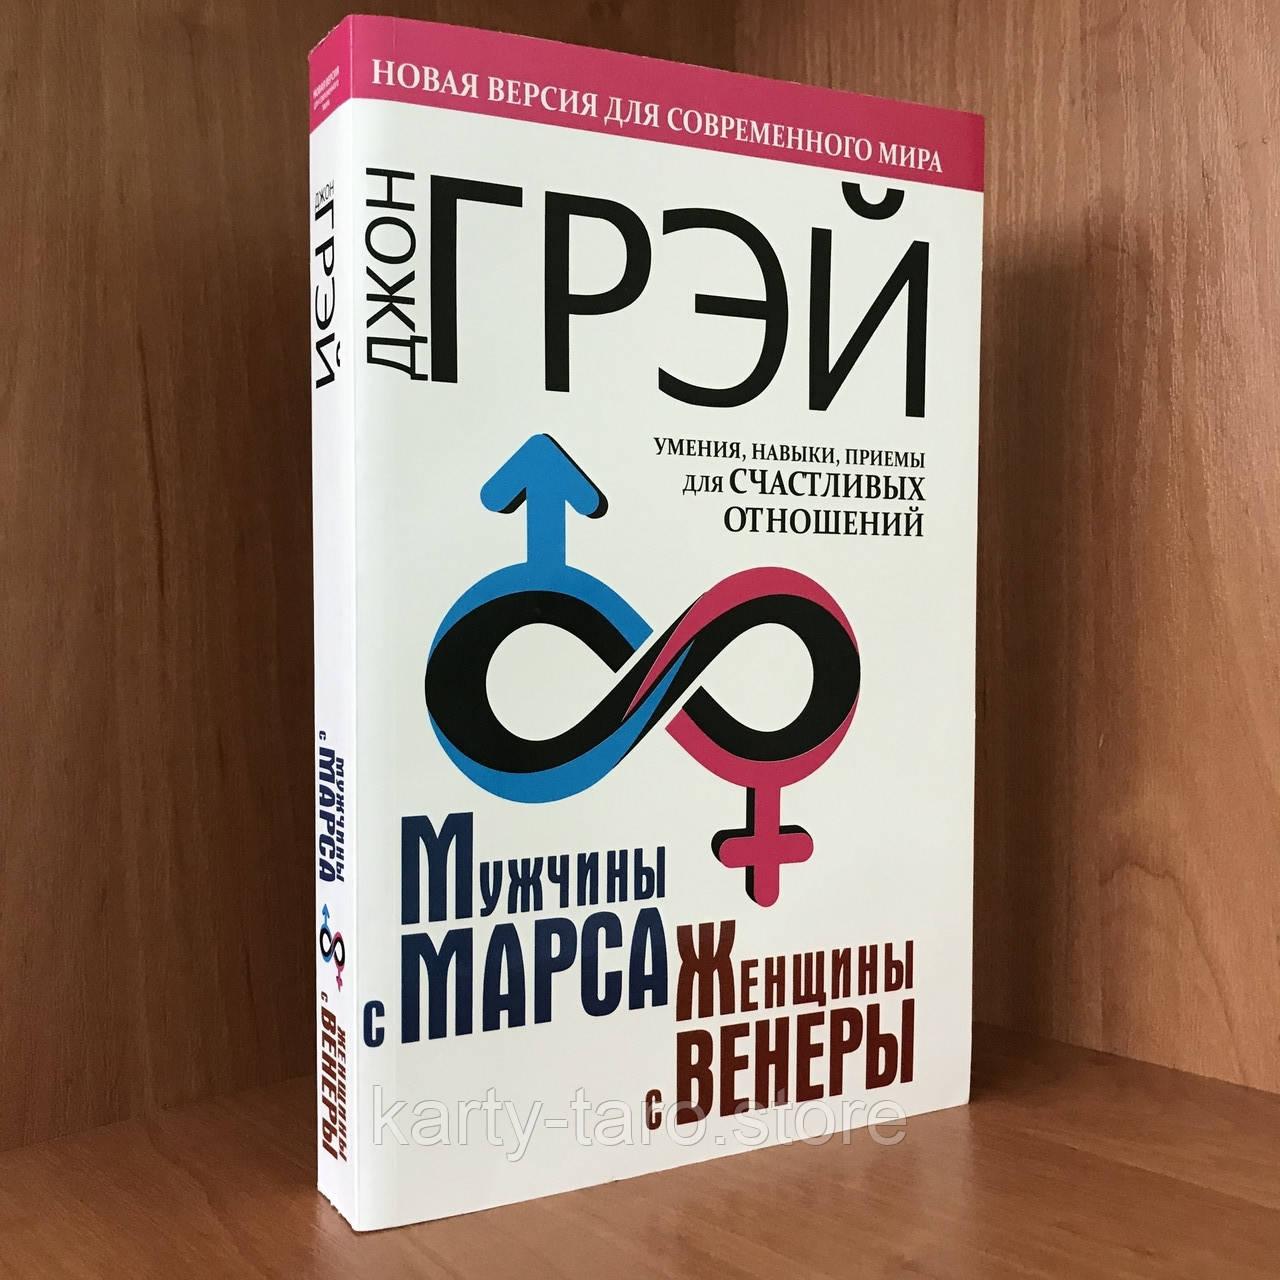 Книга Мужчины с Марса, женщины с Венеры. Новая версия для современного мира - Джон Грэй